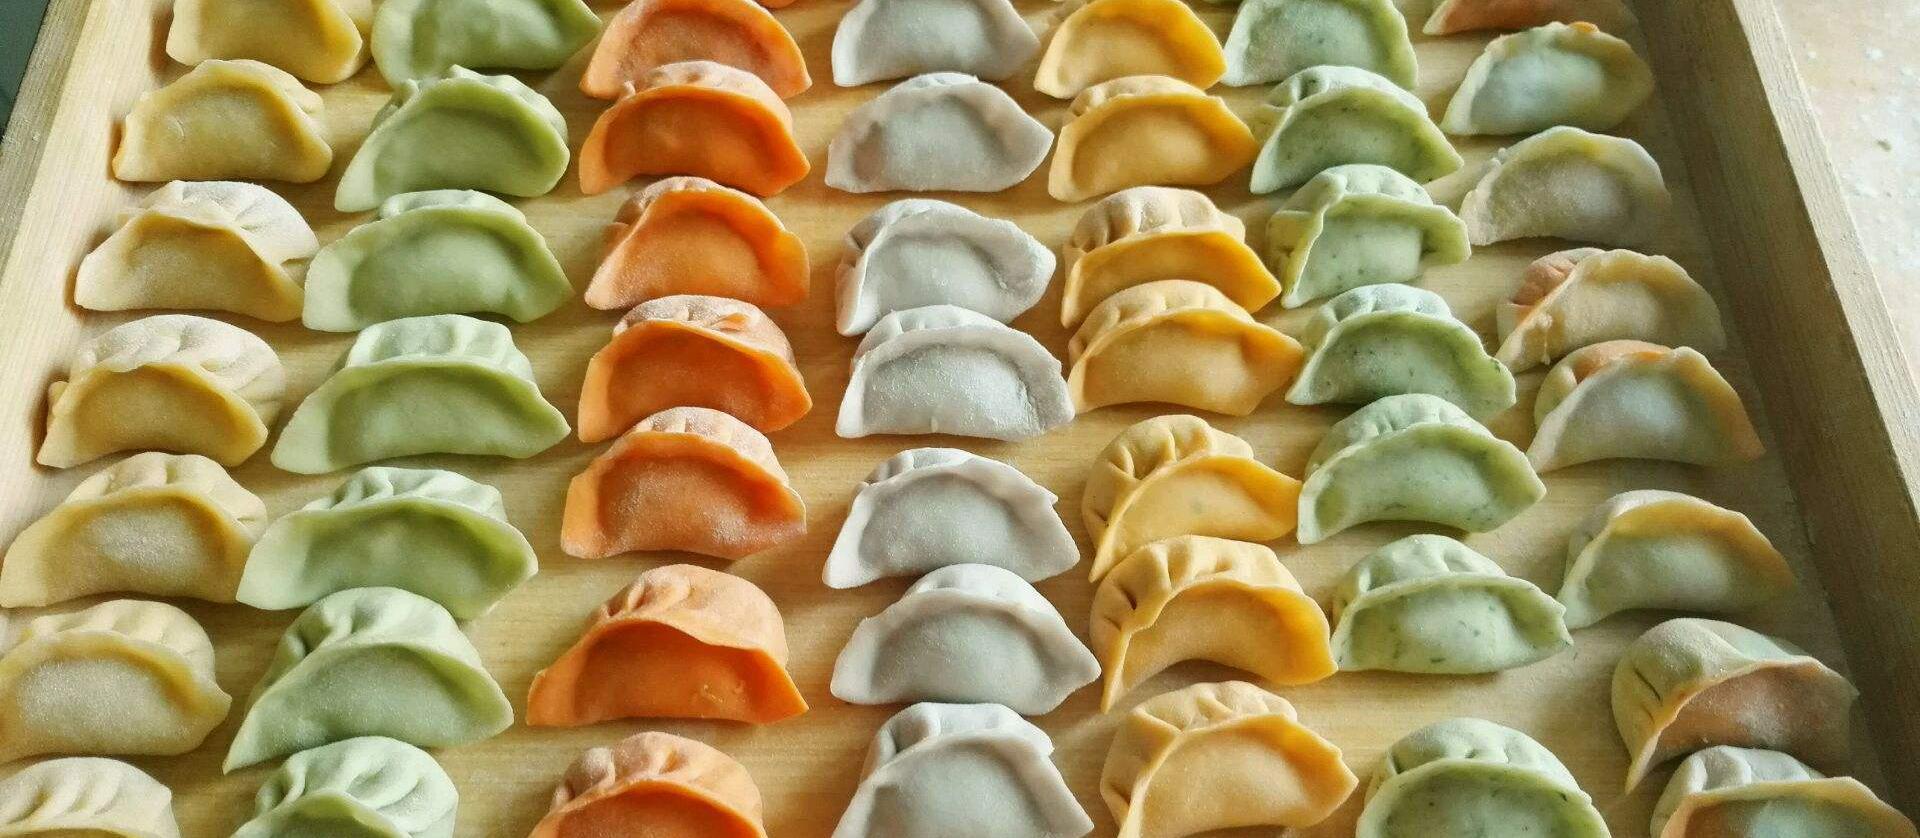 囧哥:世界上包饺子最快的人